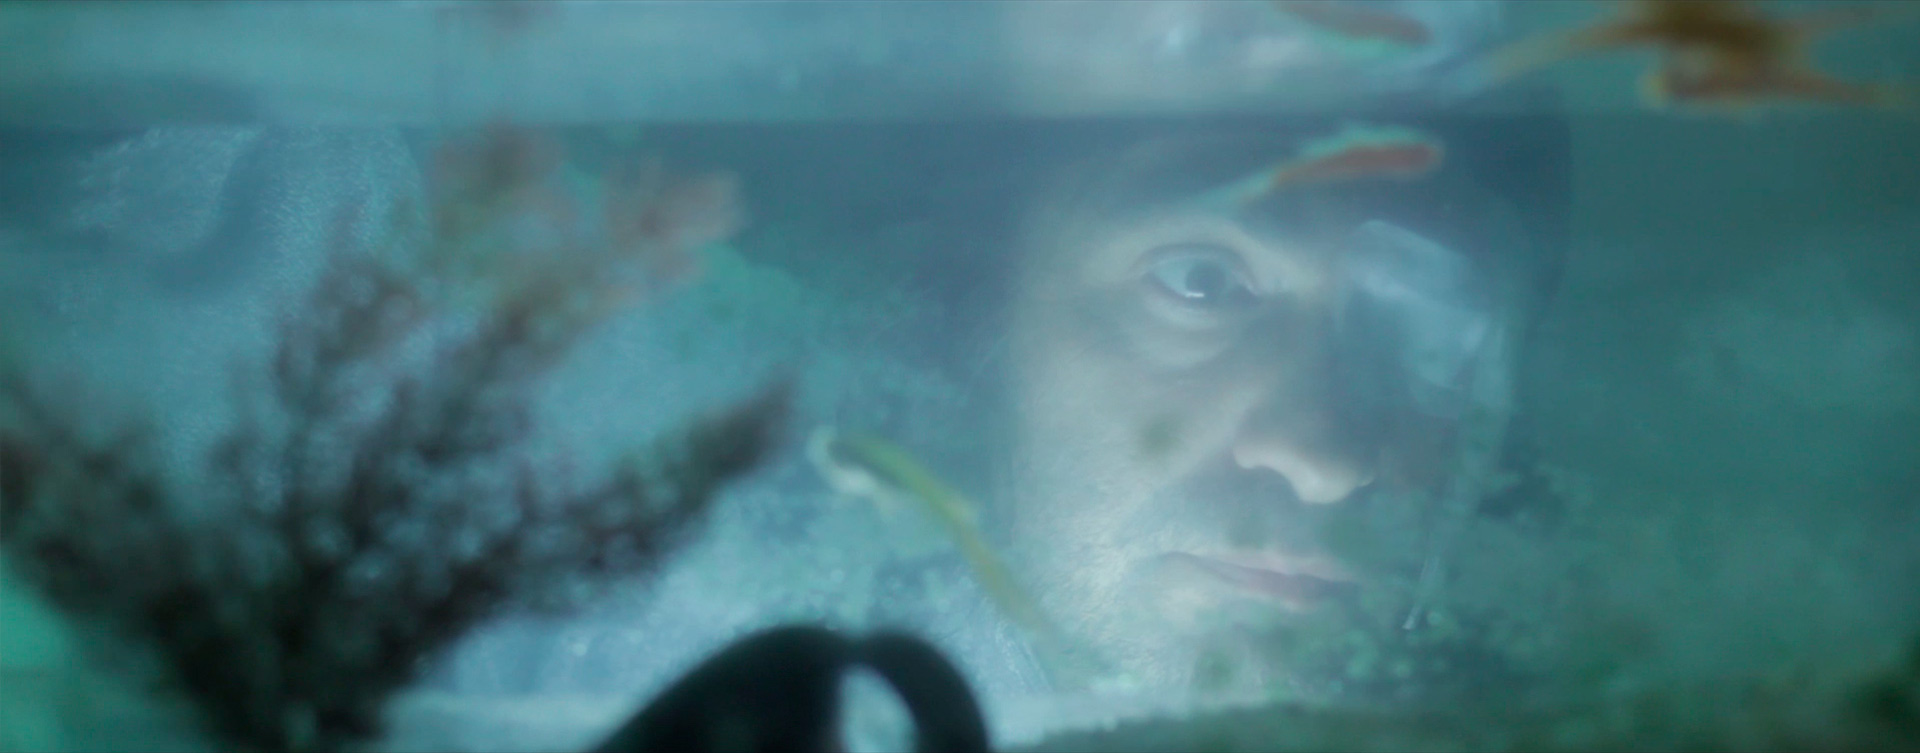 hombre observando acuario en un frame de la película estereoscopía